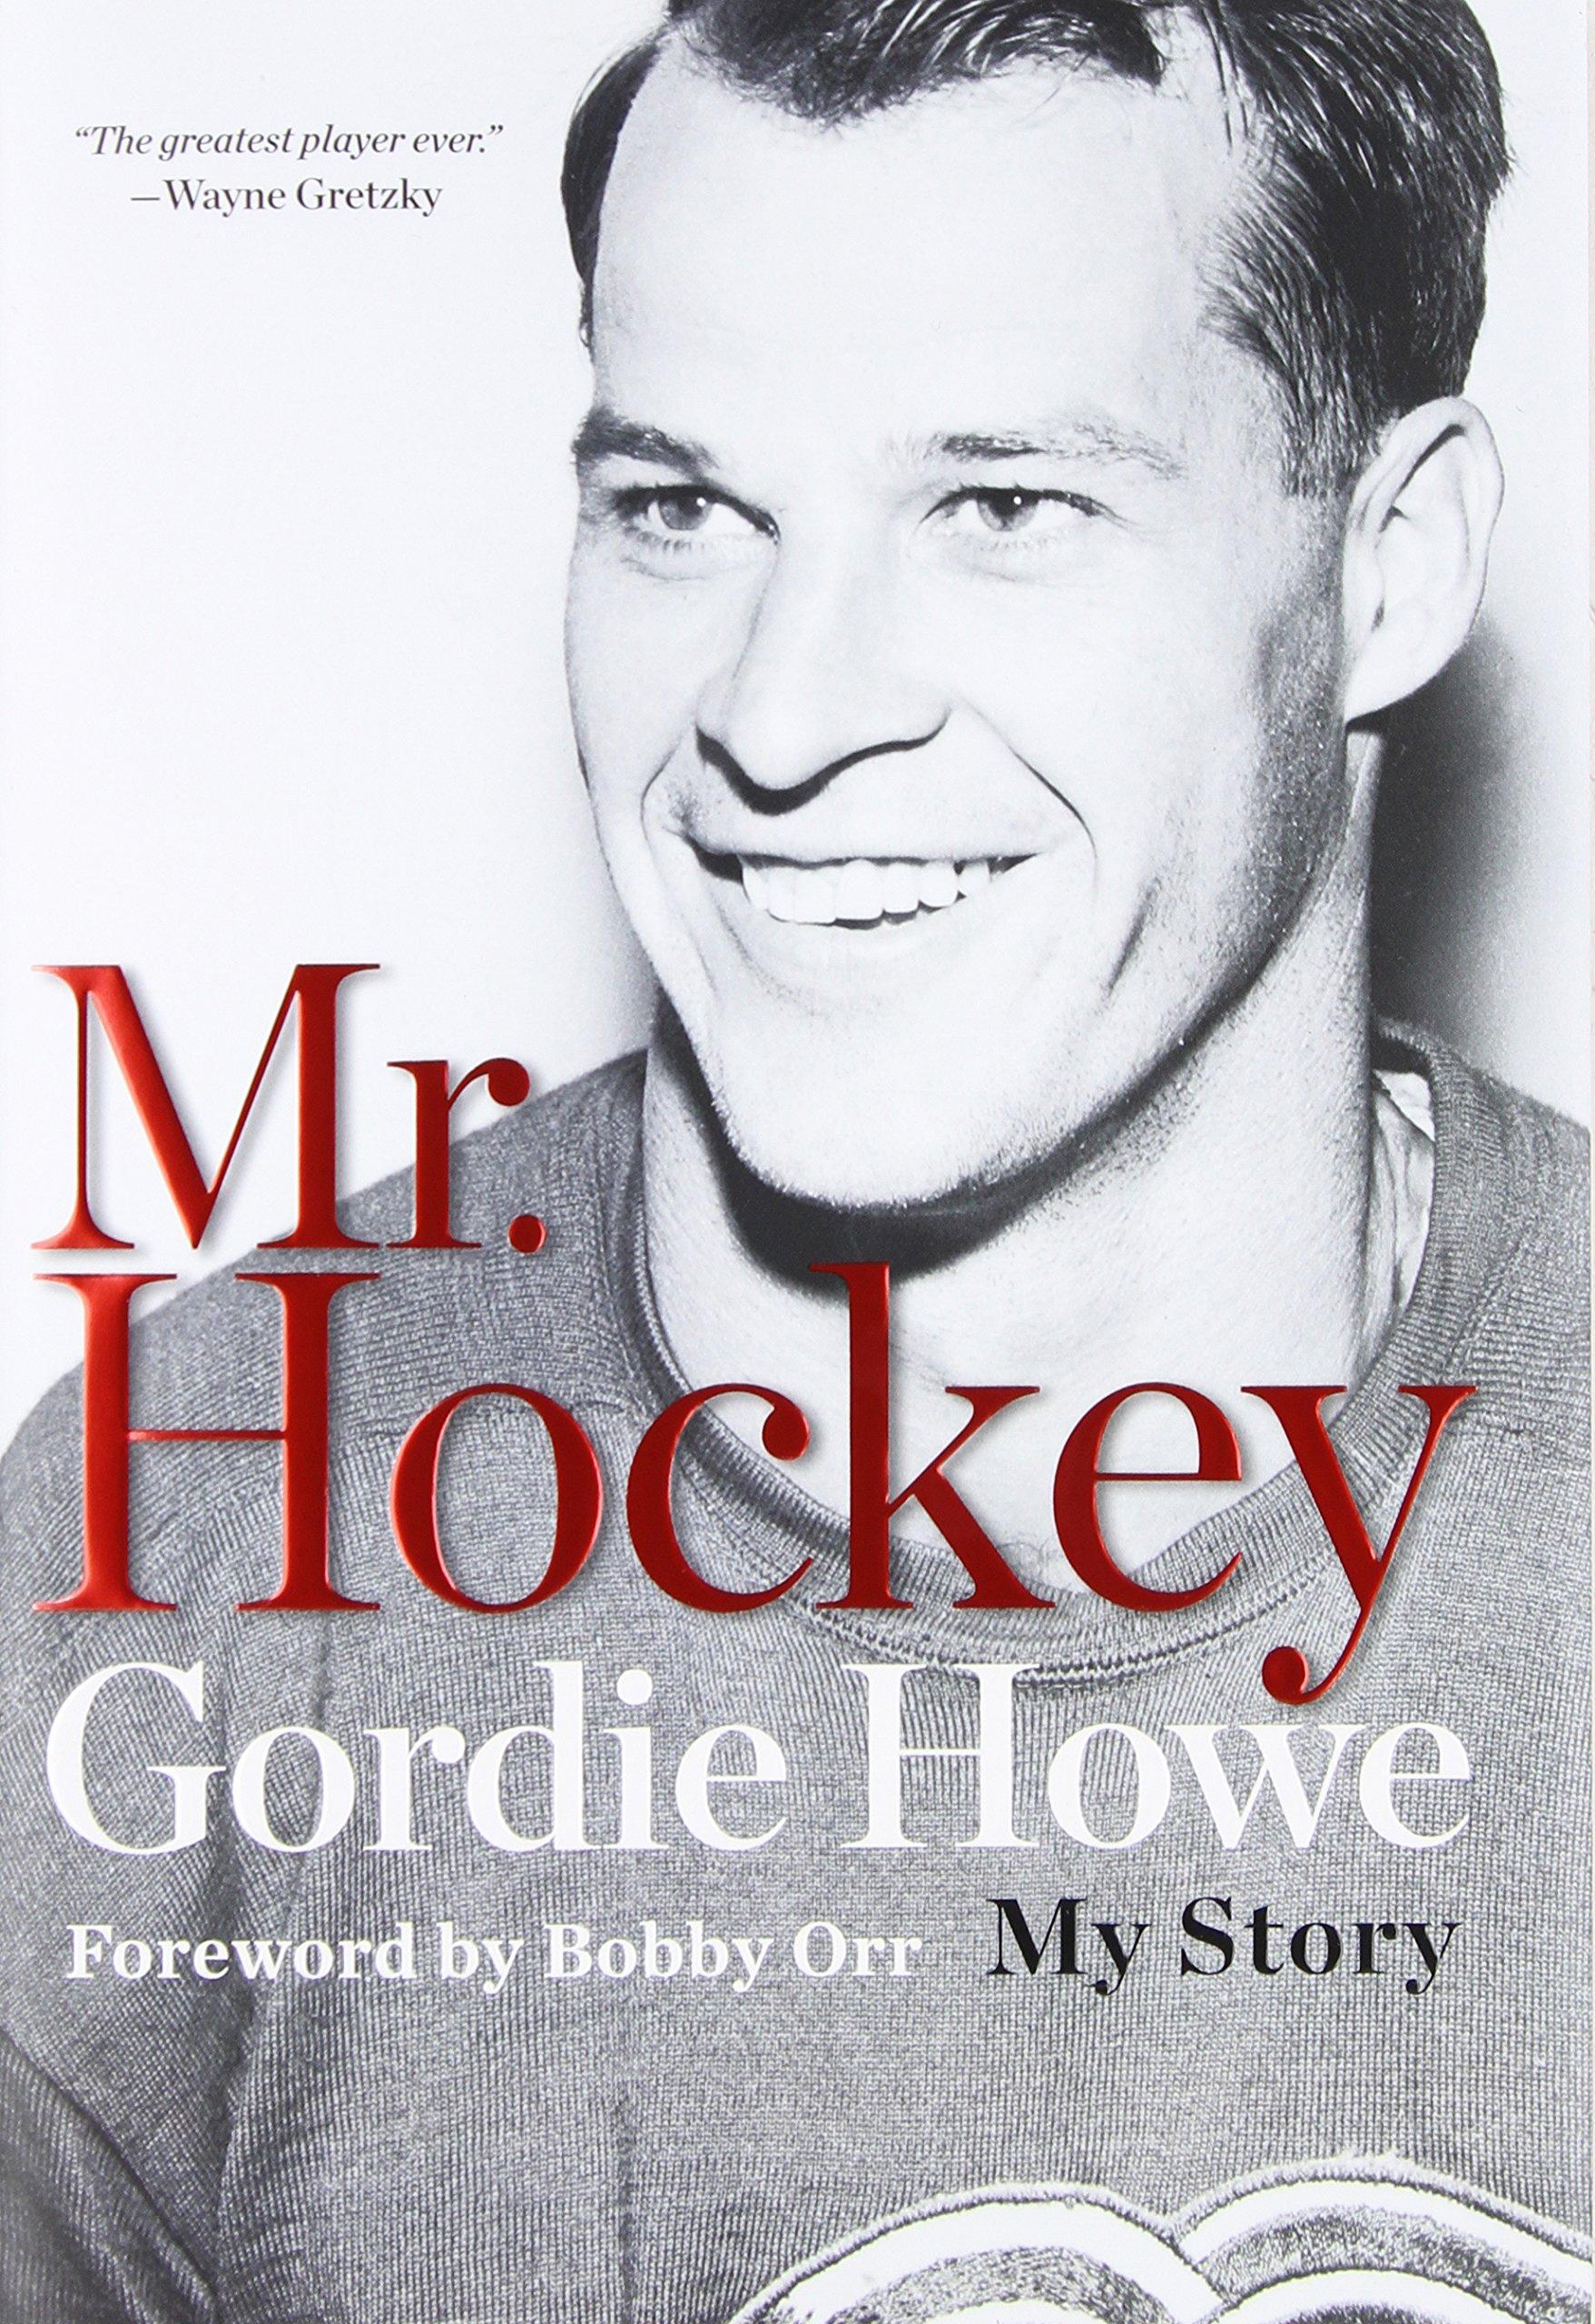 Gordie-howe-hockey-canada